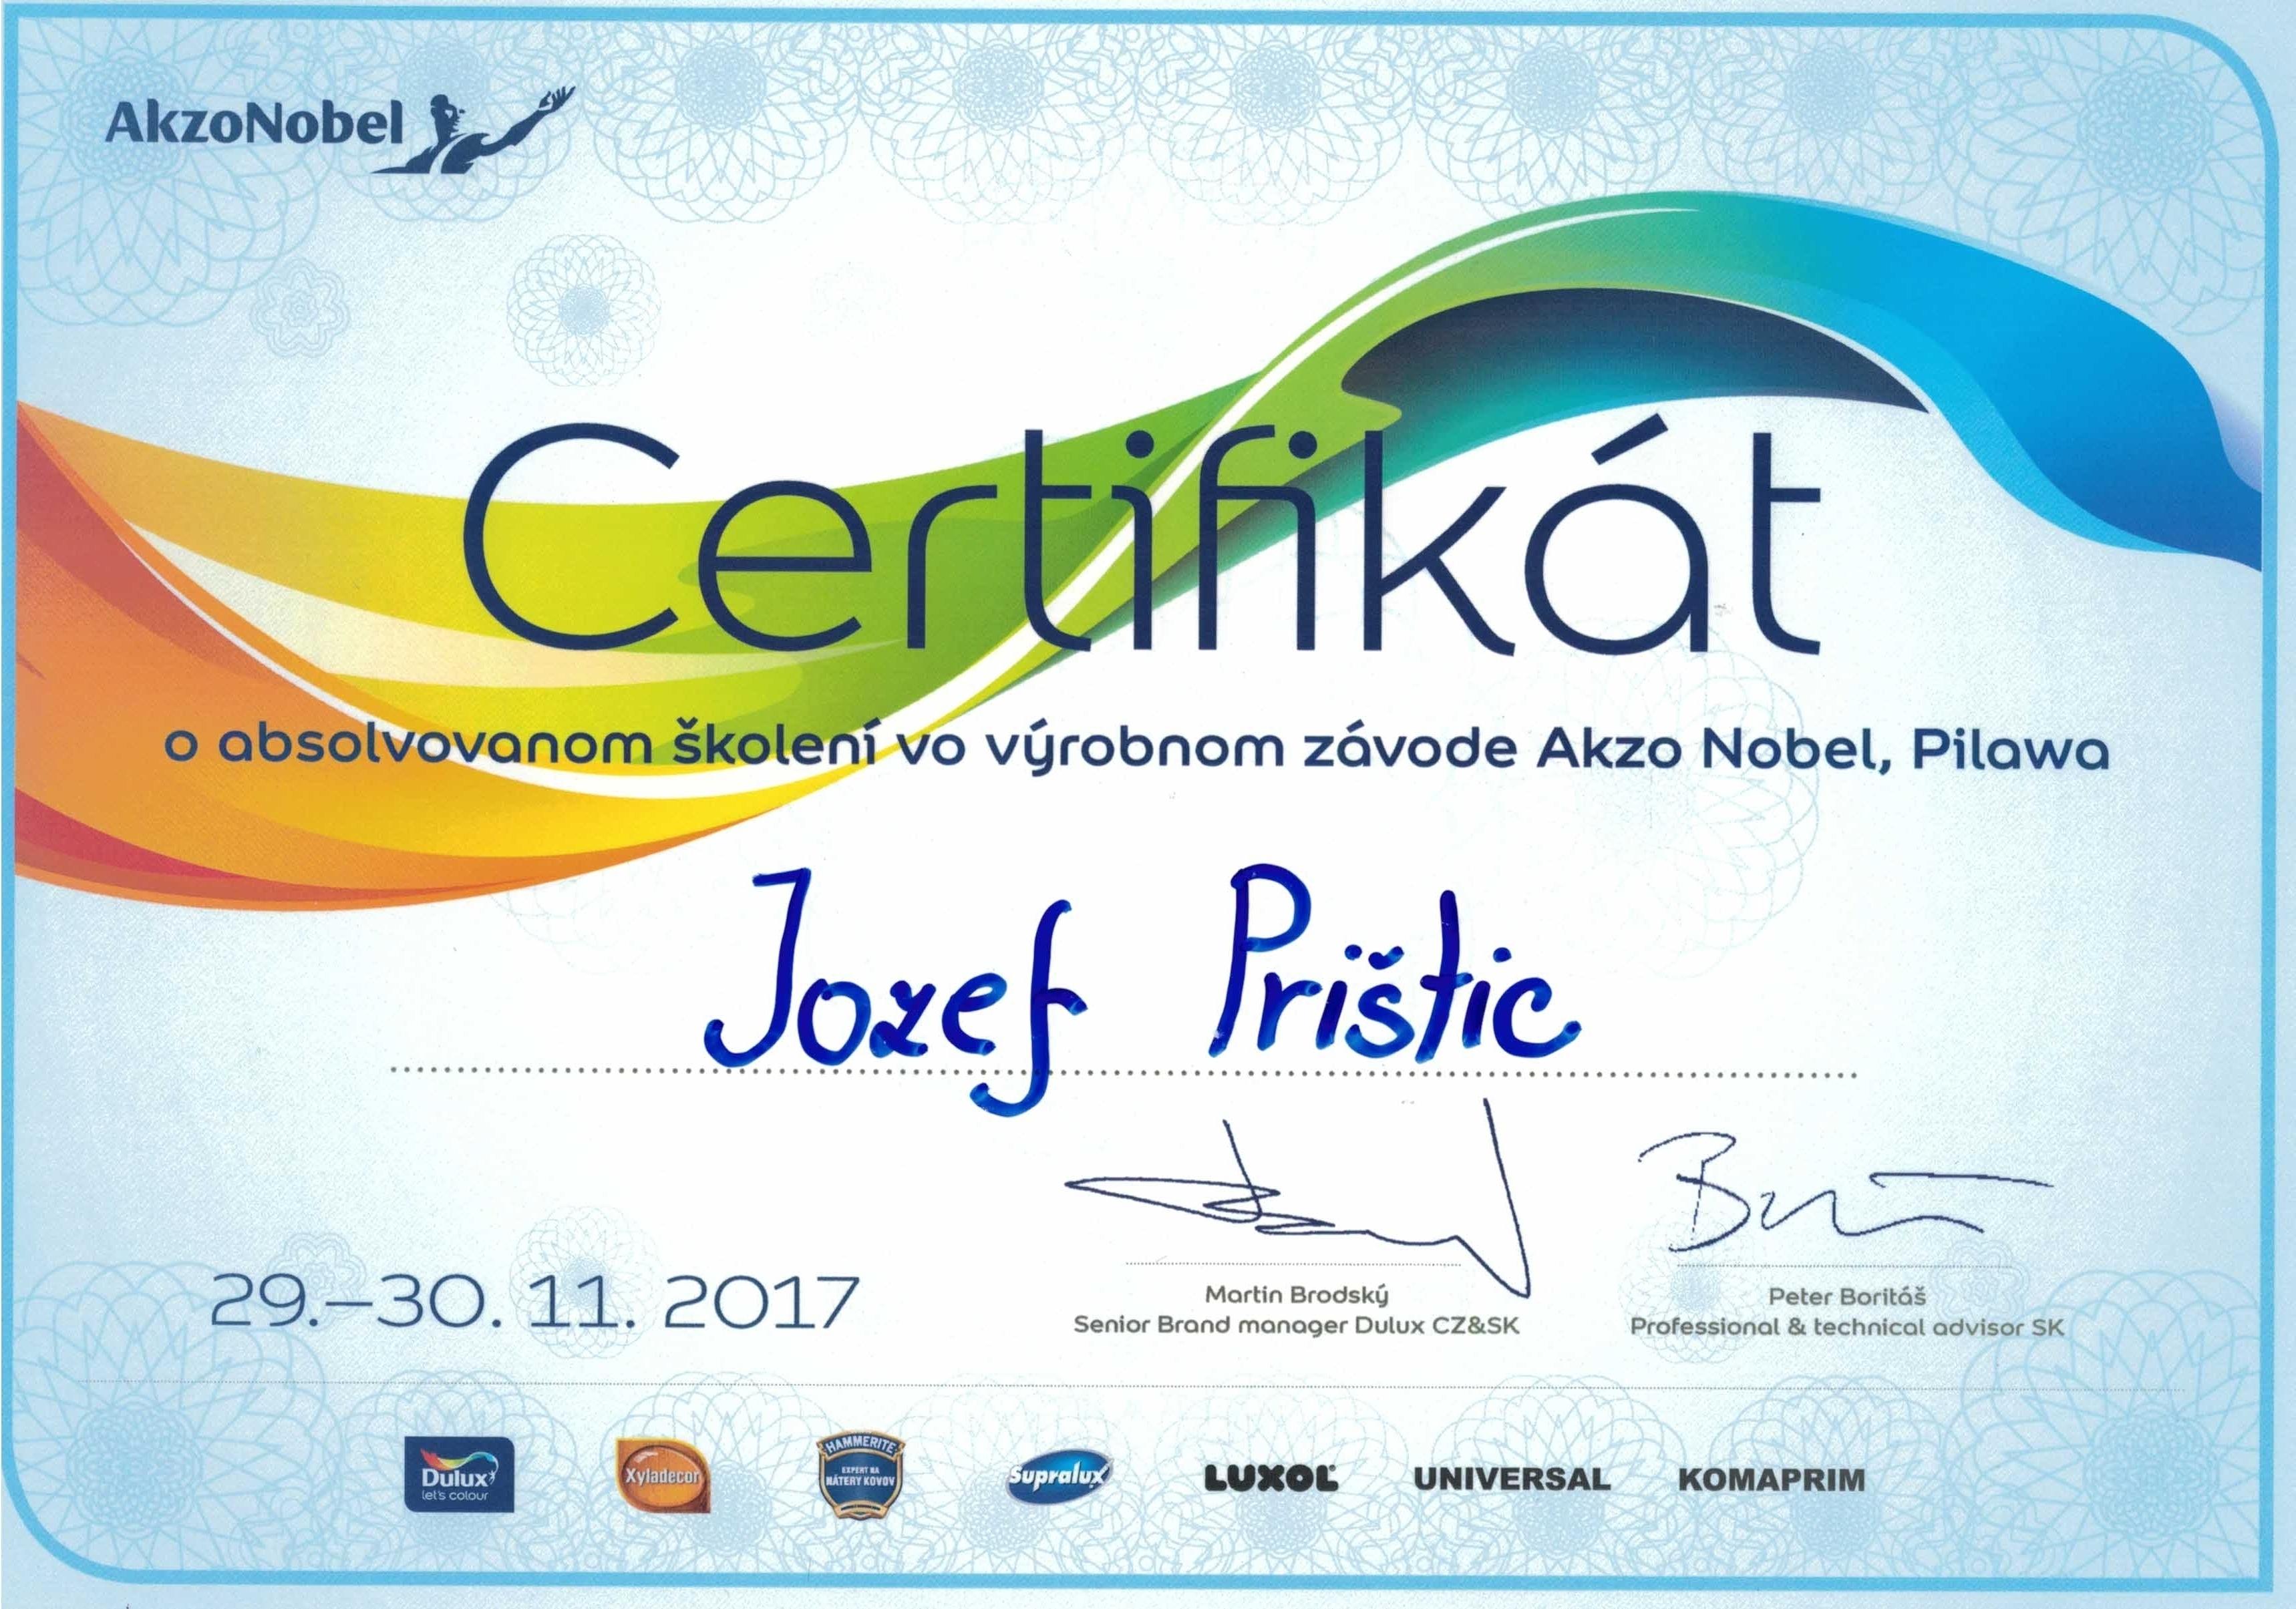 DULUX J. Prištic 2017